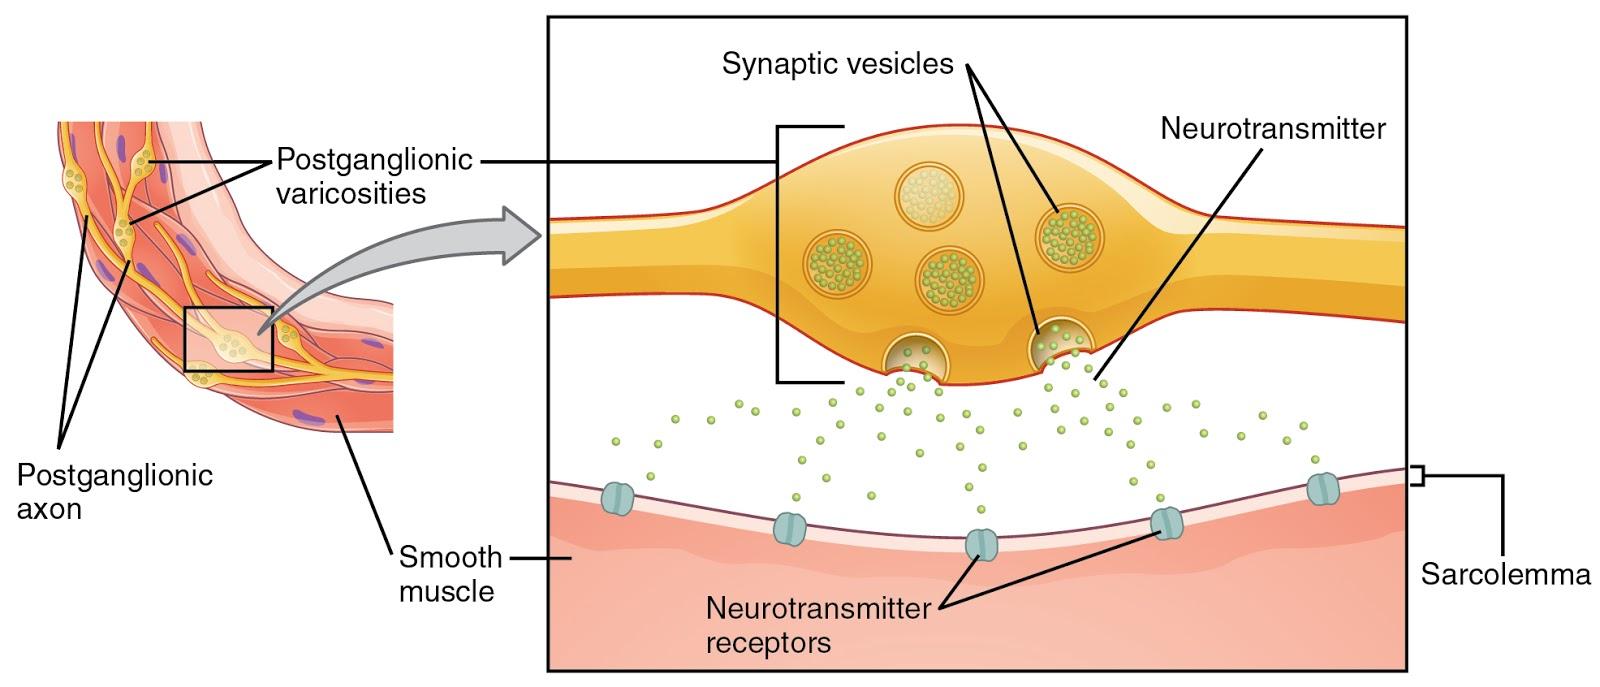 La trombosi di gemorroidalny che trattare